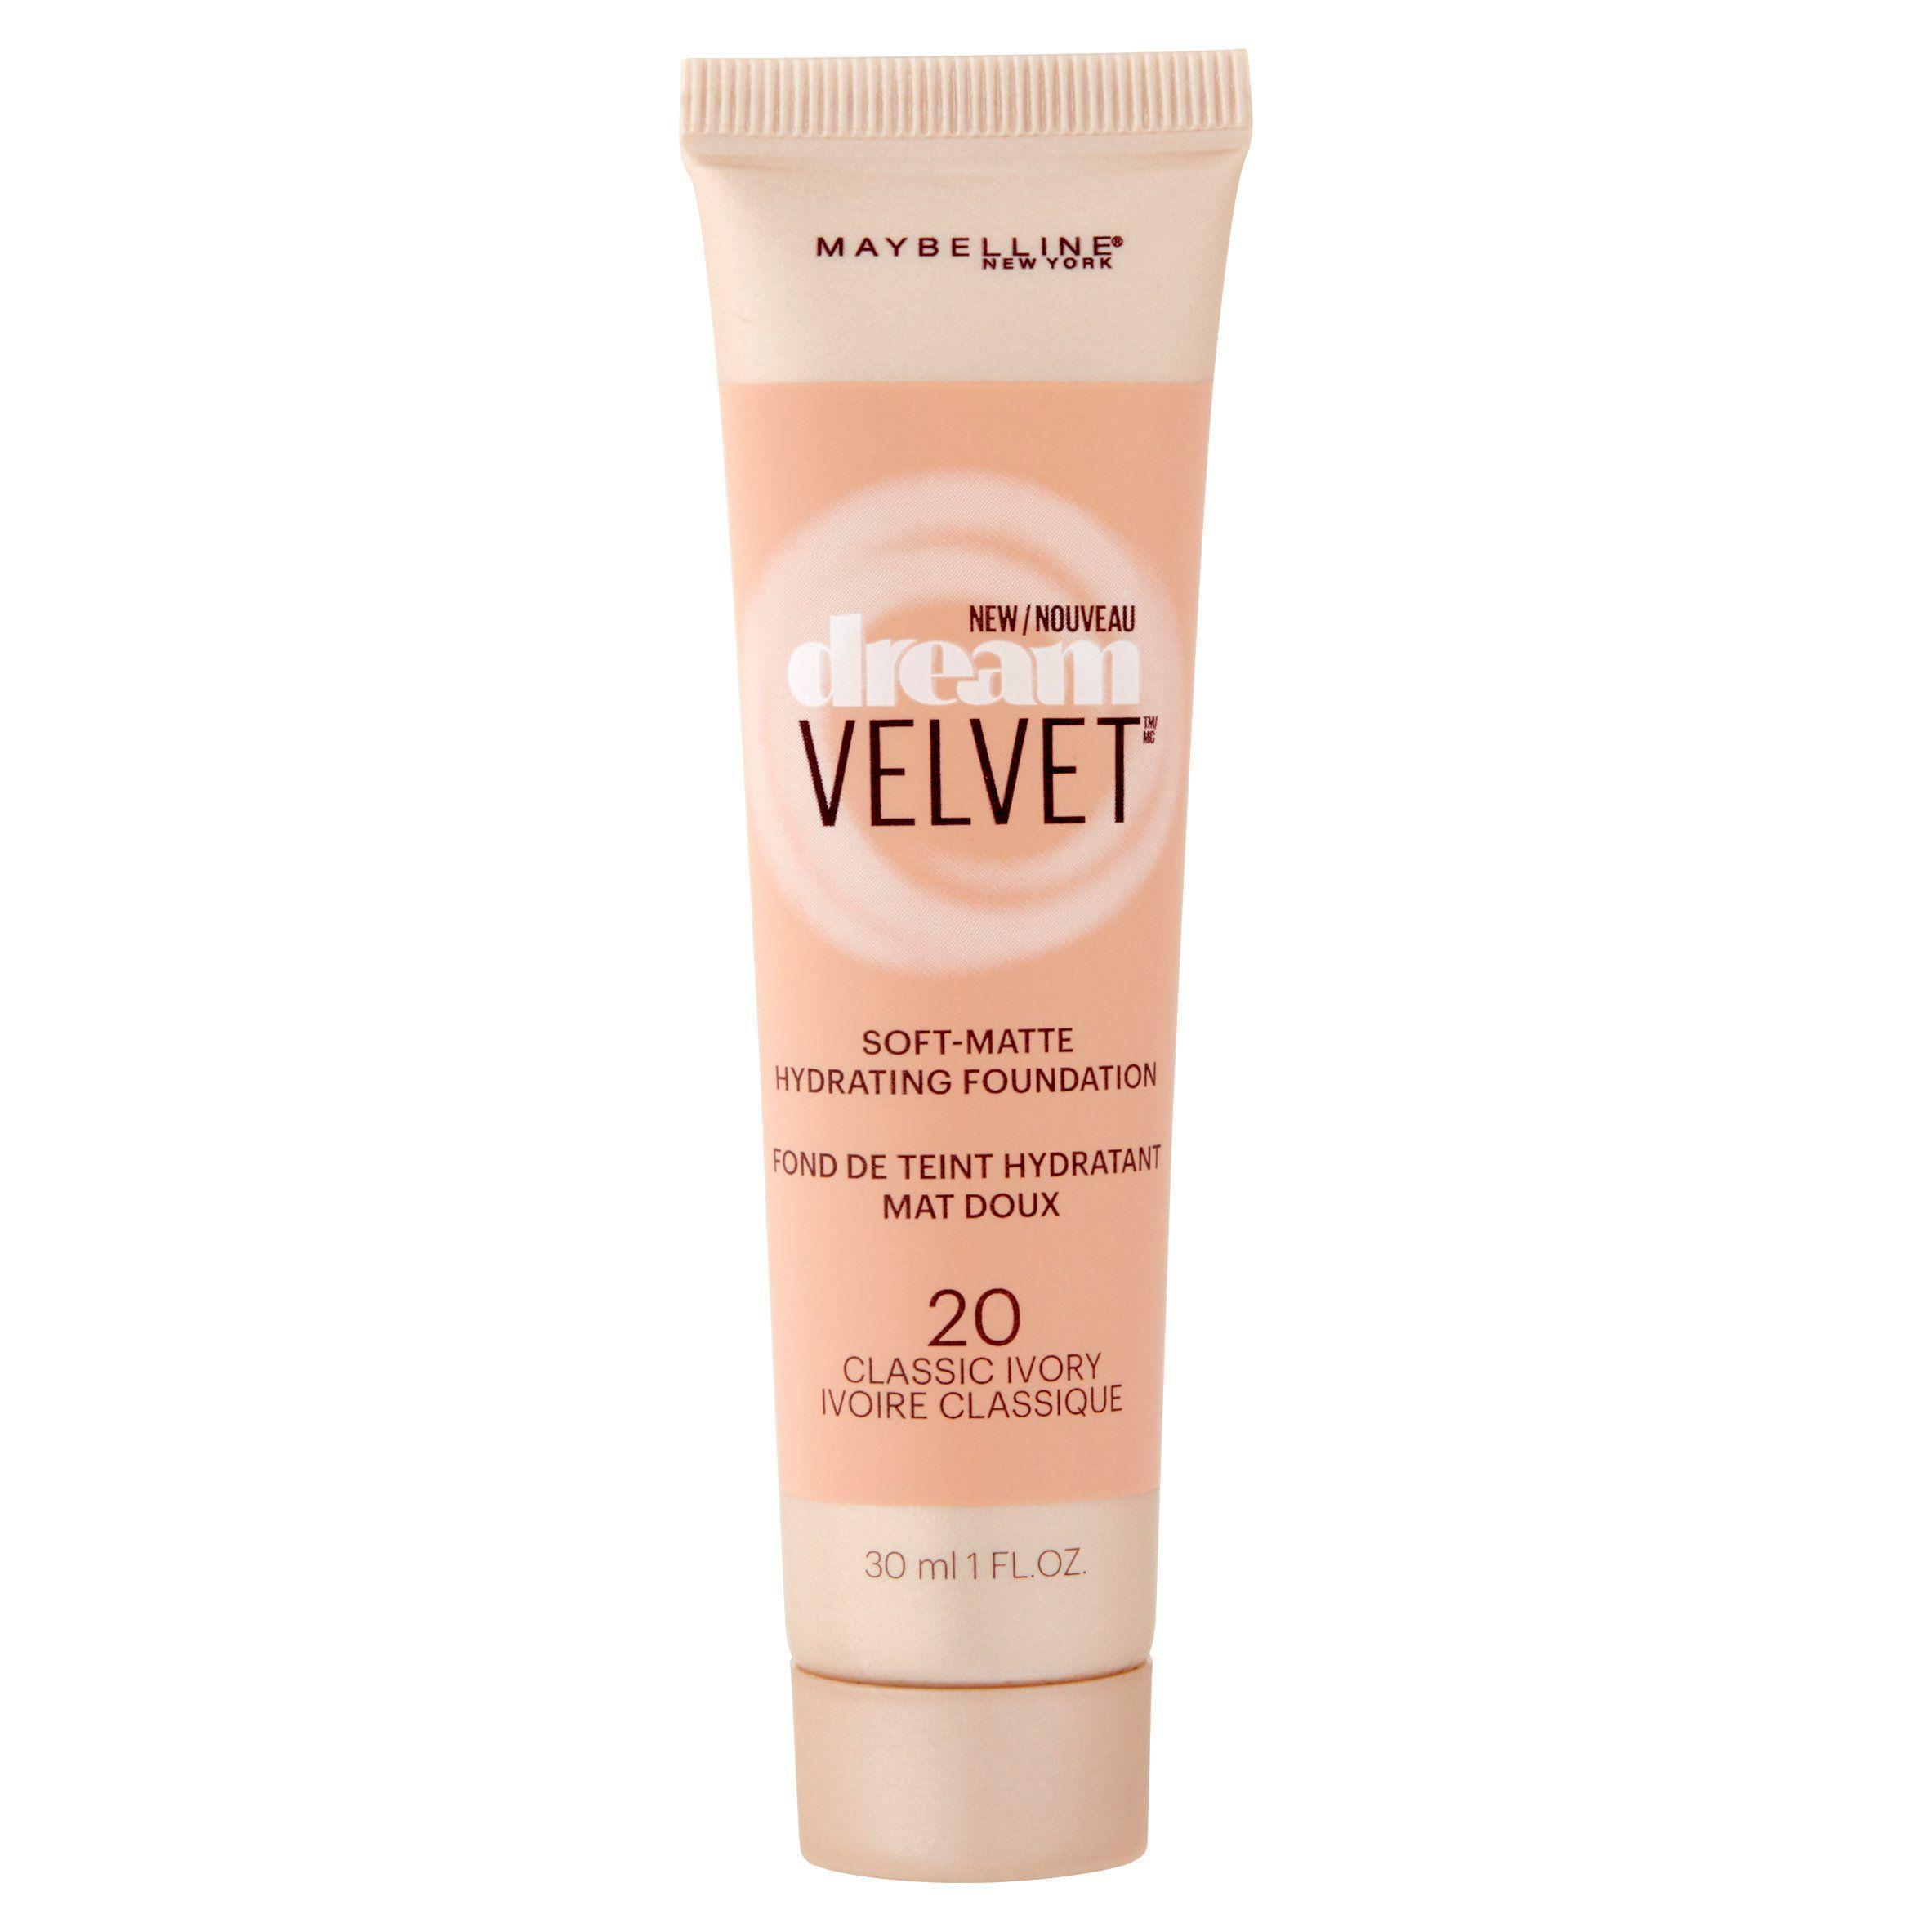 Maybelline New York Dream Velvet Soft Matte Foundation 30ml - 20 Classic Ivory